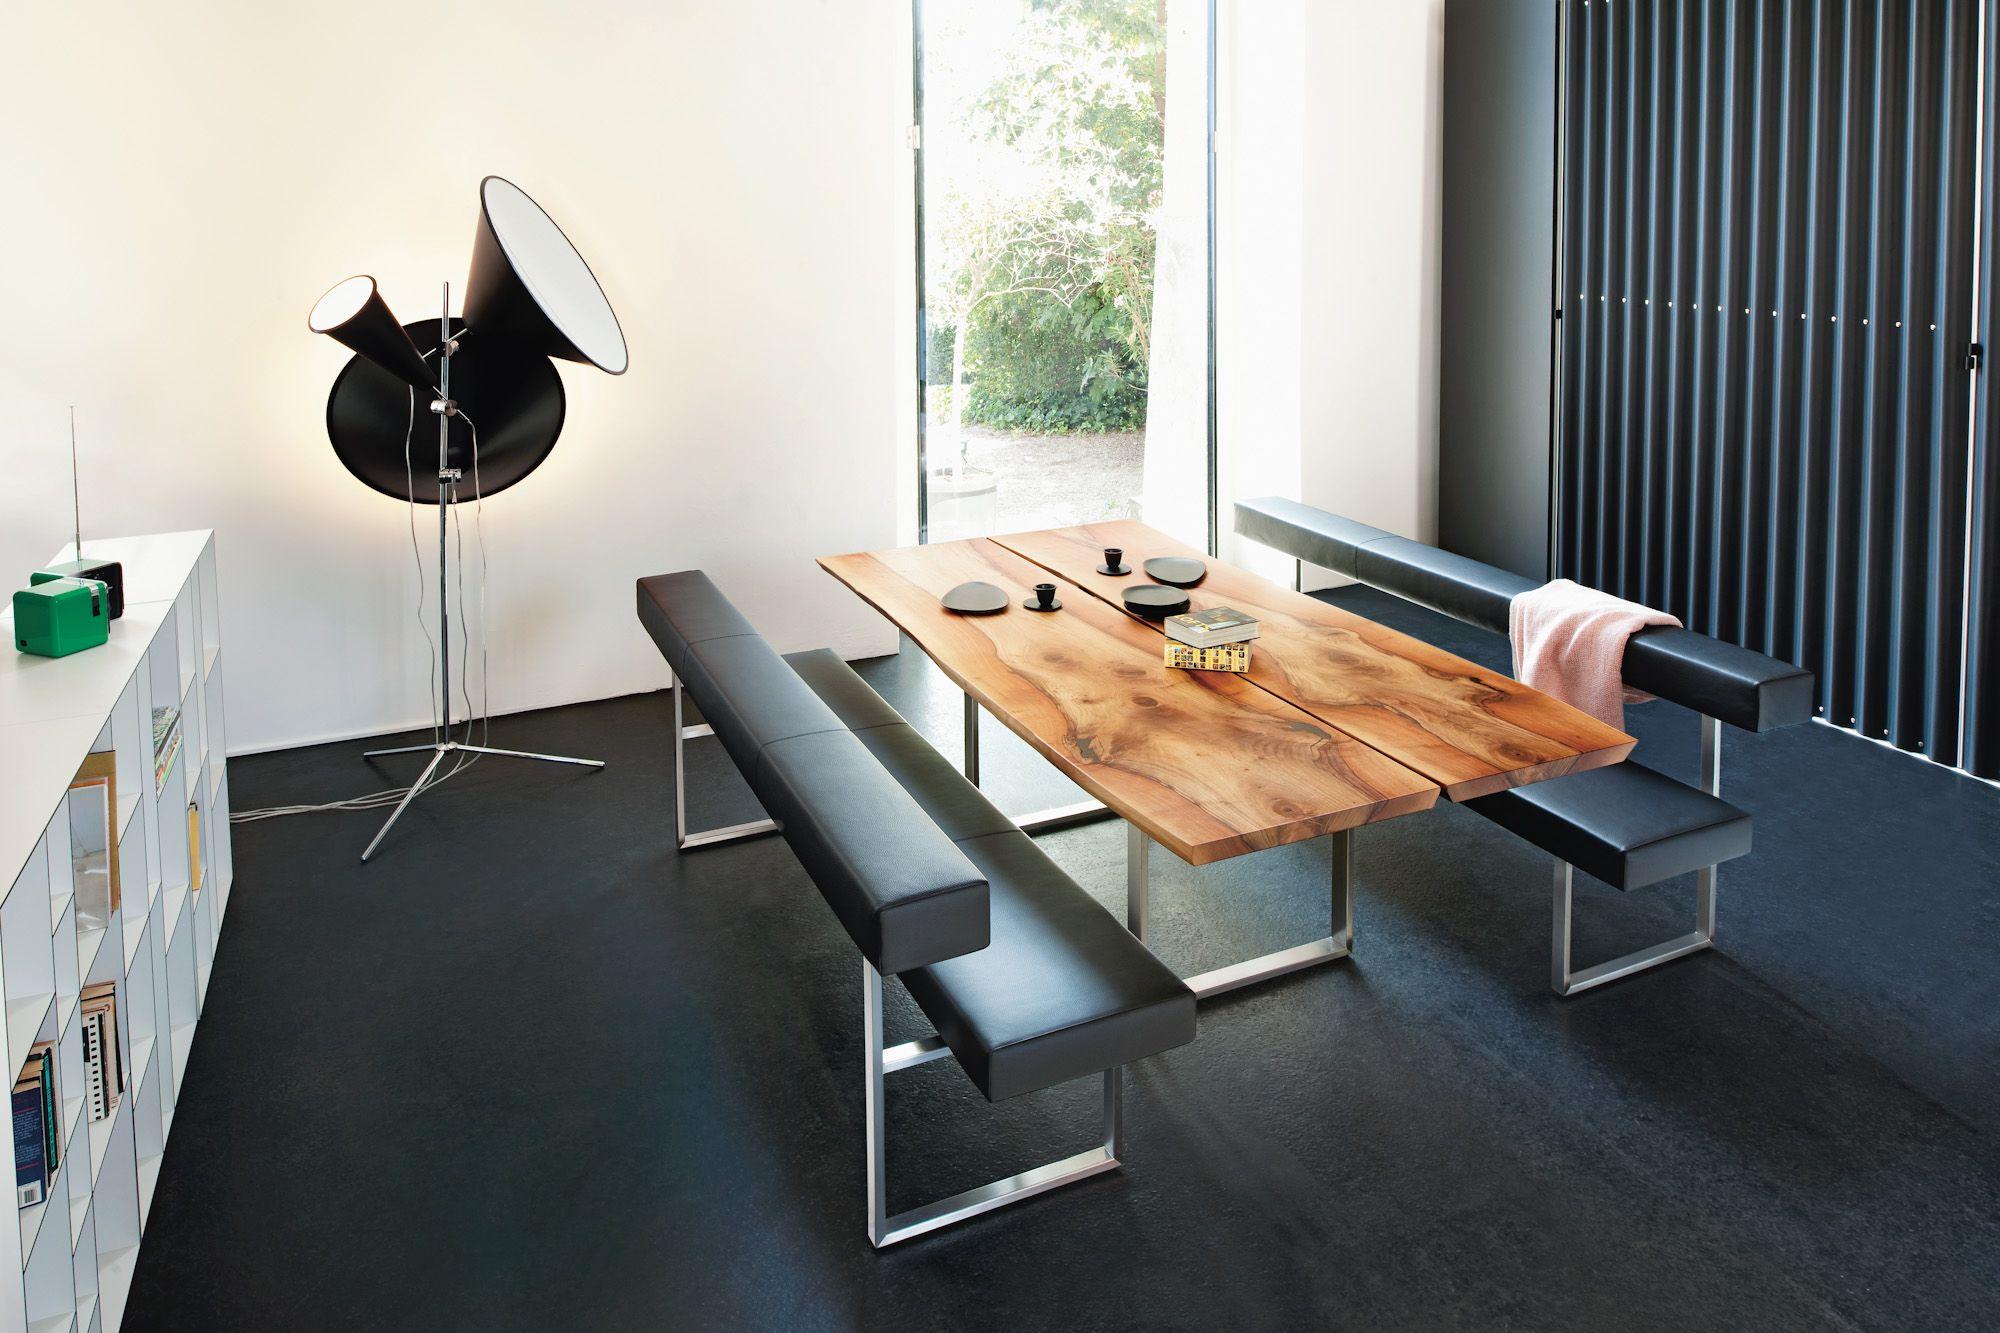 Esstisch | Holz | Europäischer Nussbaum | Echte Baumkante | Bank | Leder |  Schwarz |